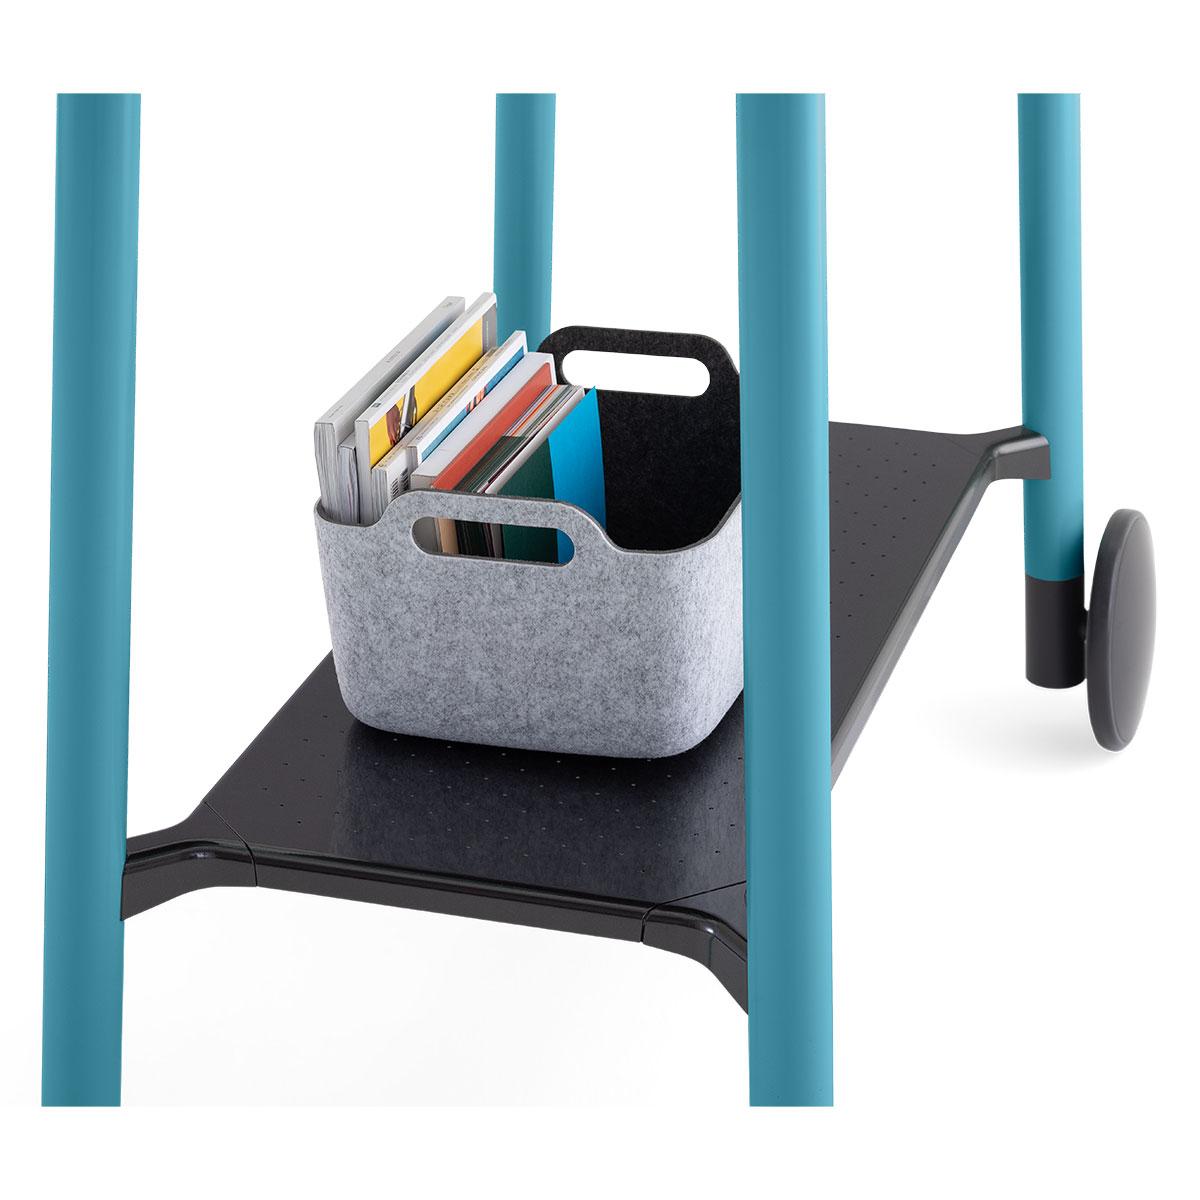 Steelcase Flex Collection Stehtisch mit Rollen, konfigurierbar